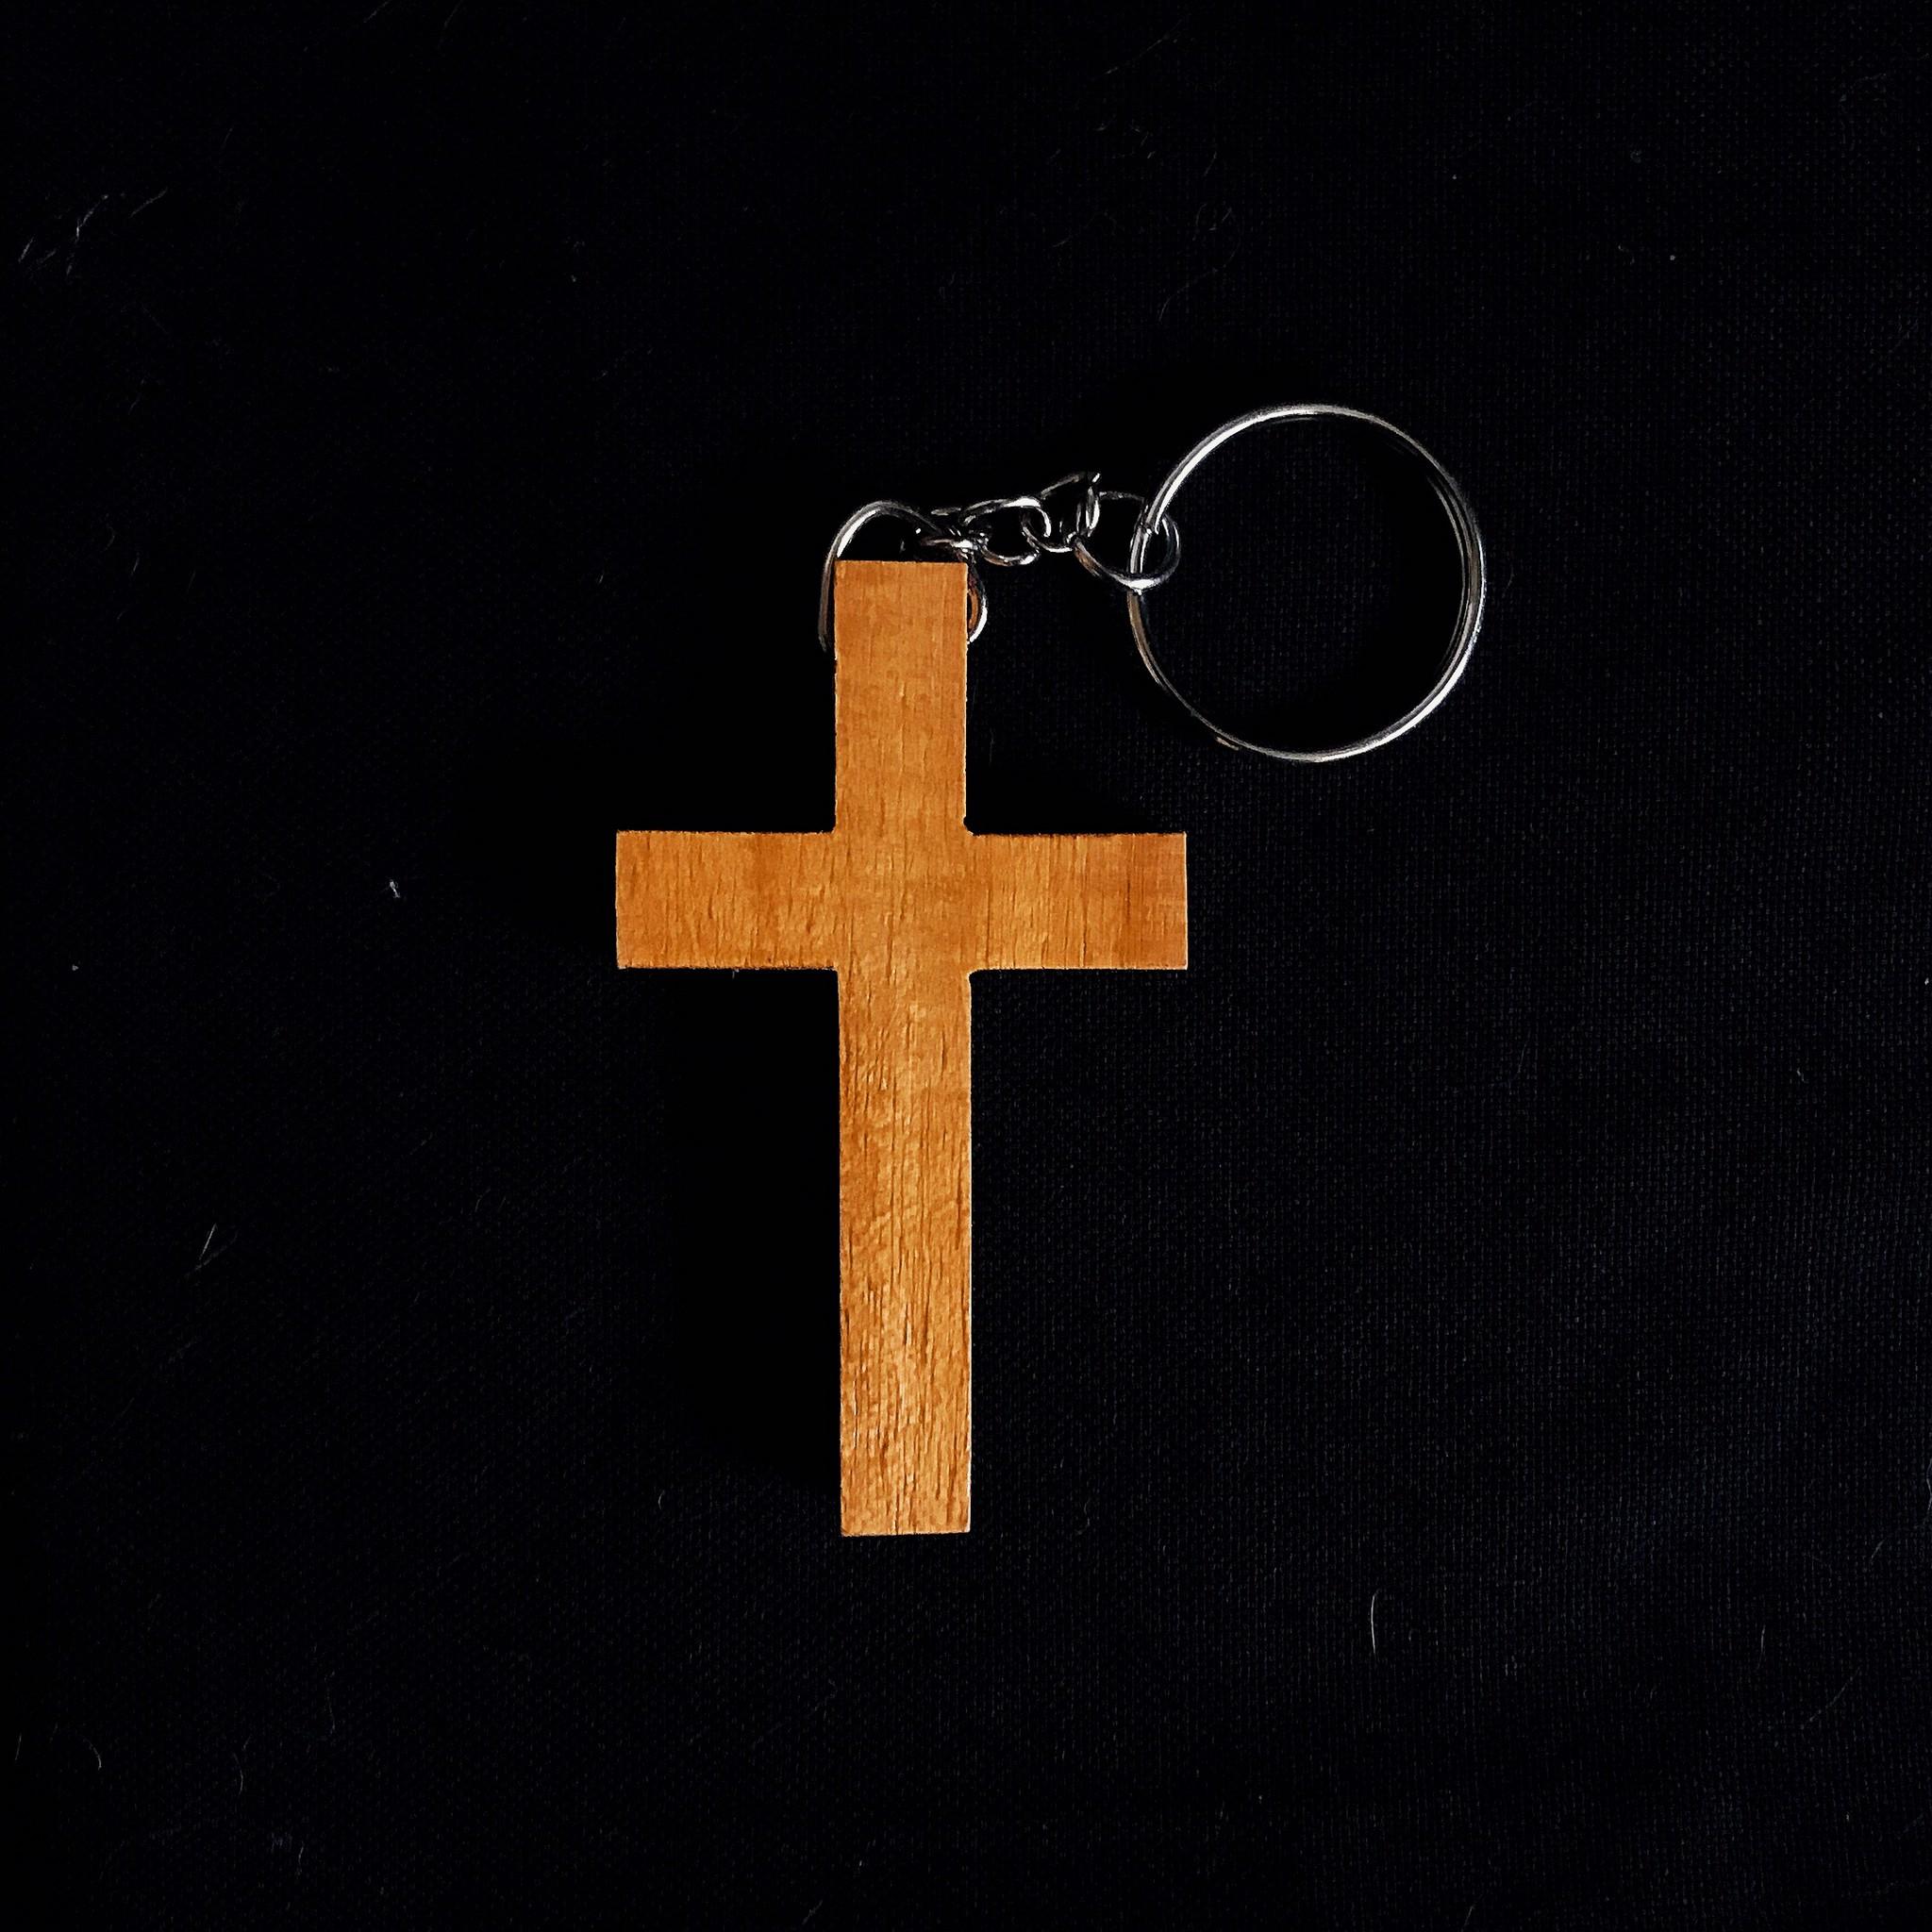 พวงกุญแจไม้กางแขน(แบบที่2)